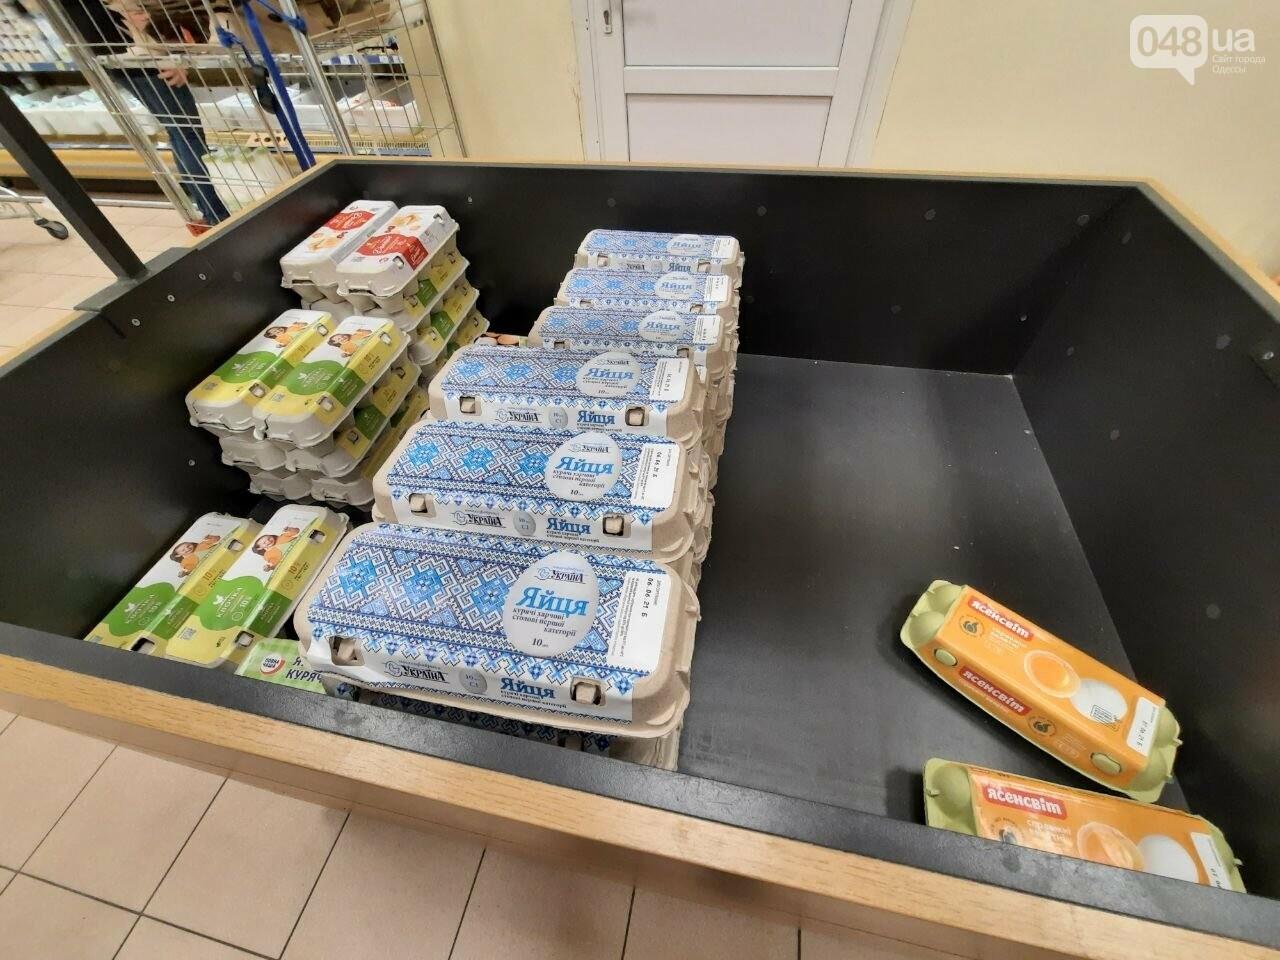 Мониторинг цен: в одесских супермаркетах начали дешеветь куриные яйца, - ФОТО, фото-4